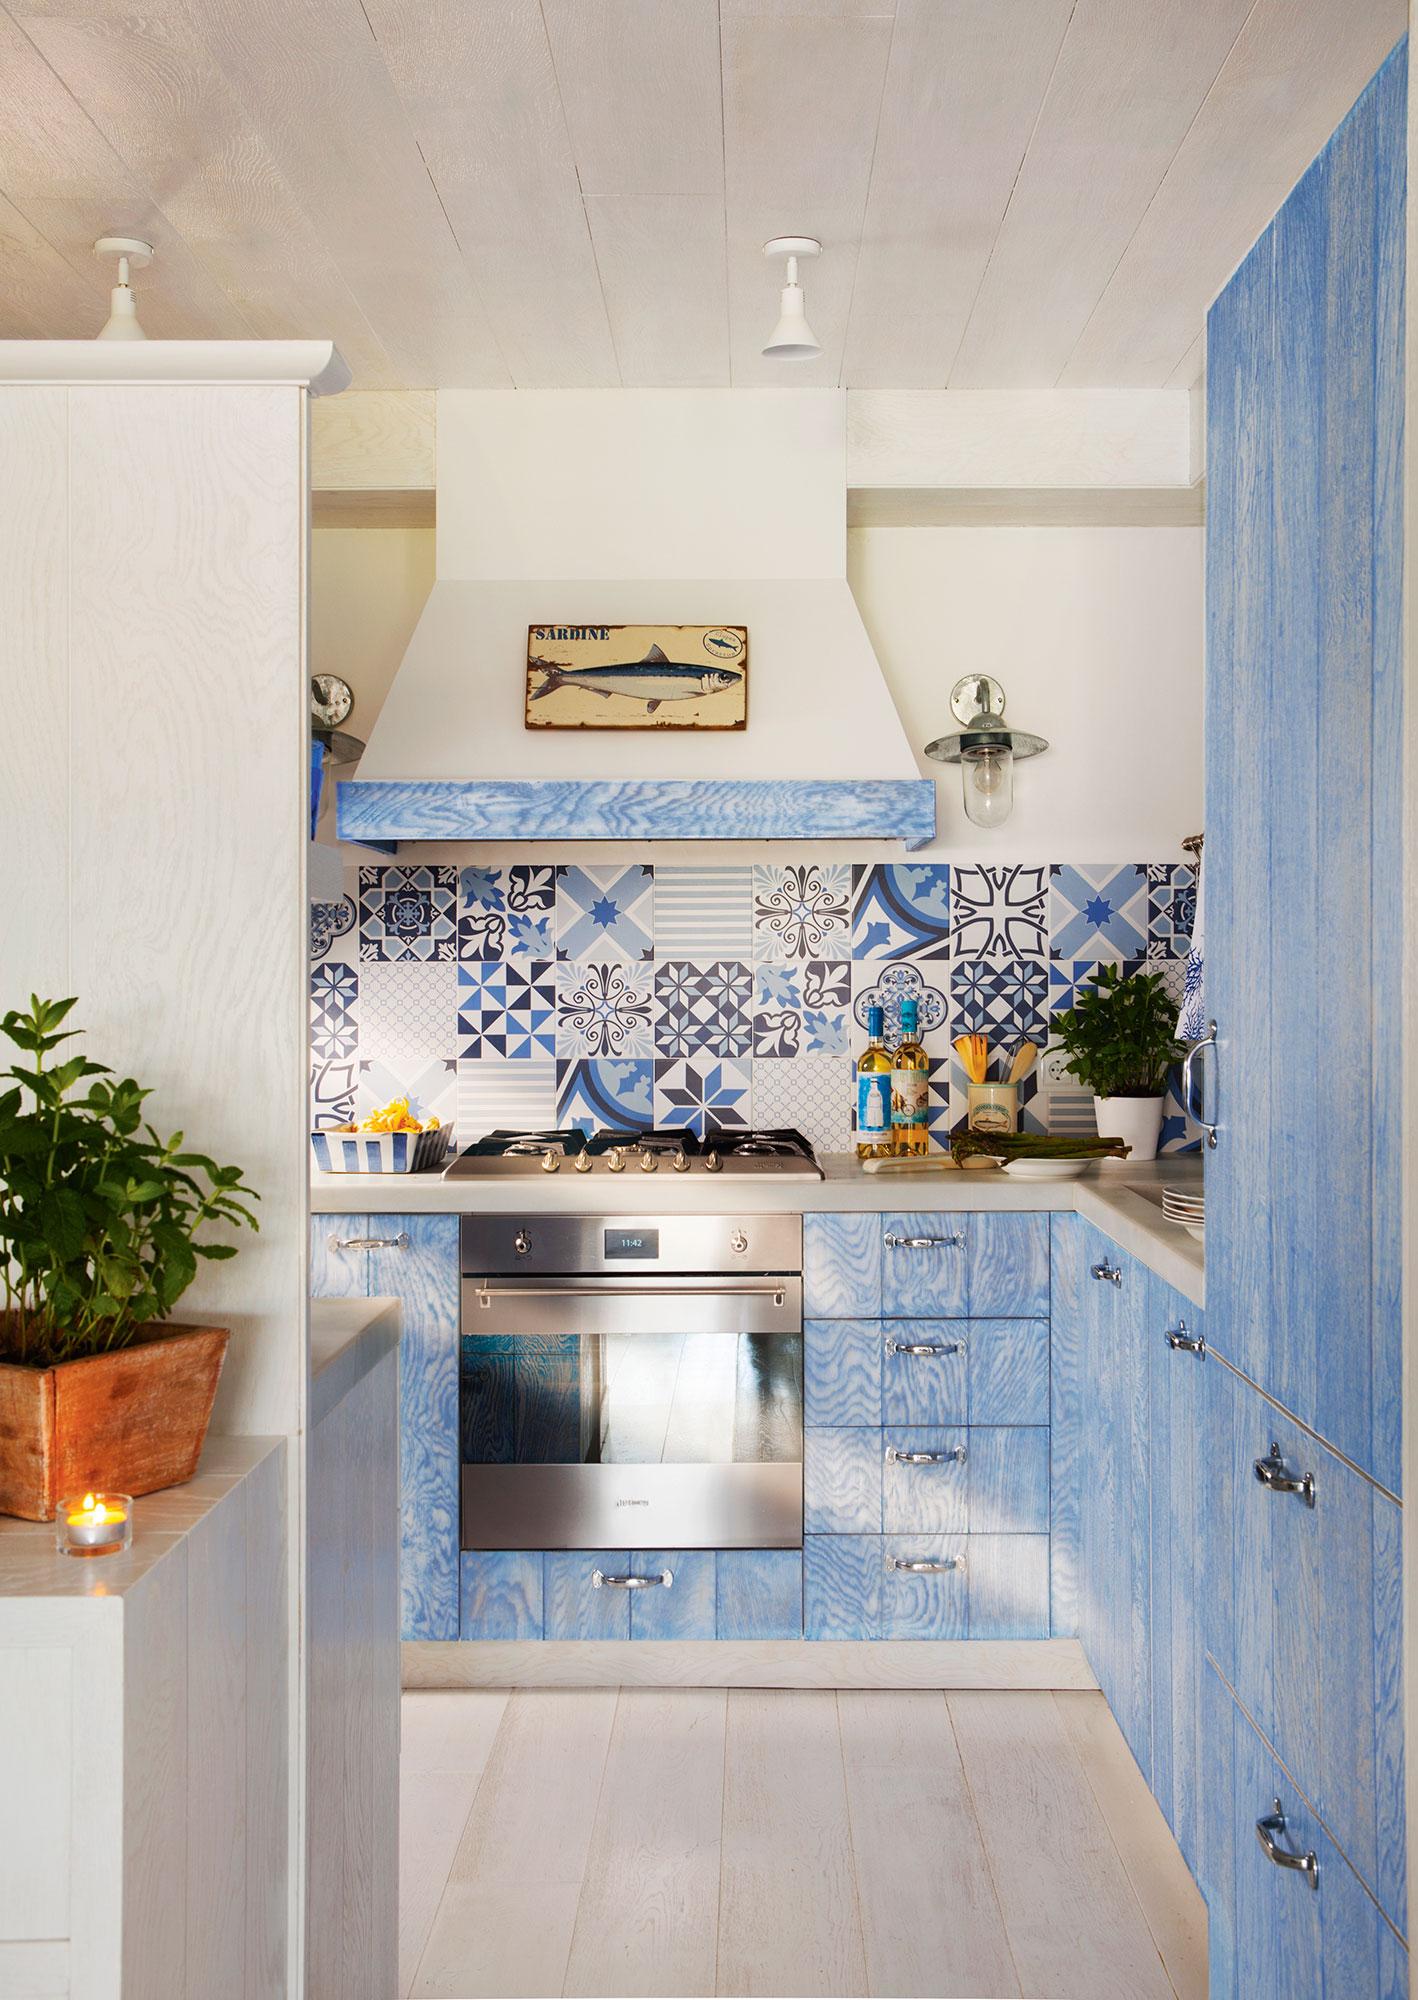 827 Fotos de Muebles de cocina - Pagina 7